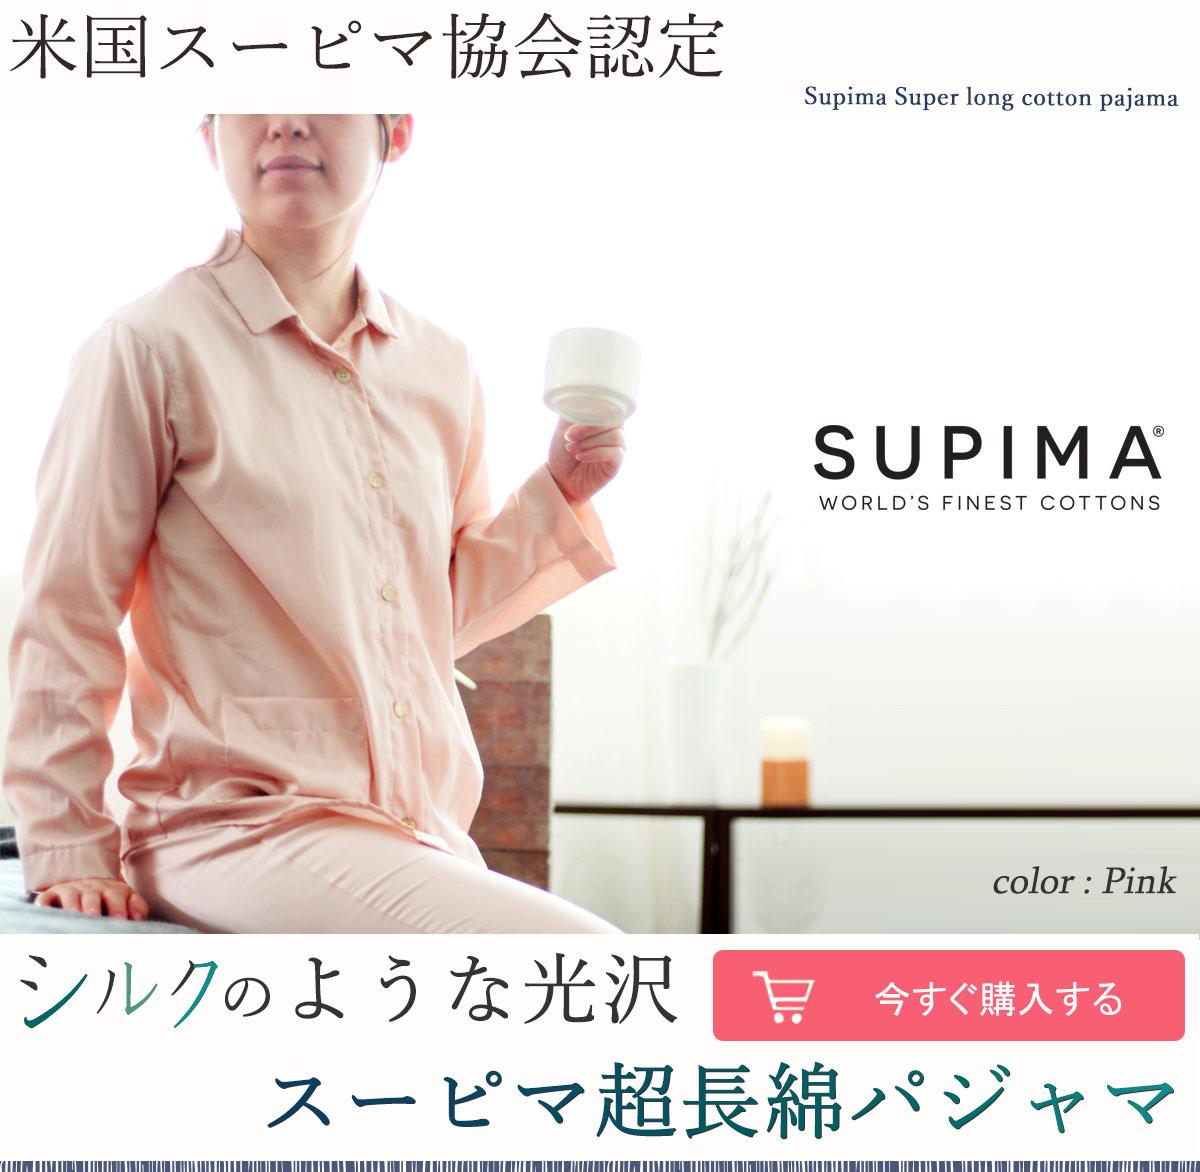 米国スーピマ協会認定 シルクのような光沢、スーピマ超長綿パジャマ